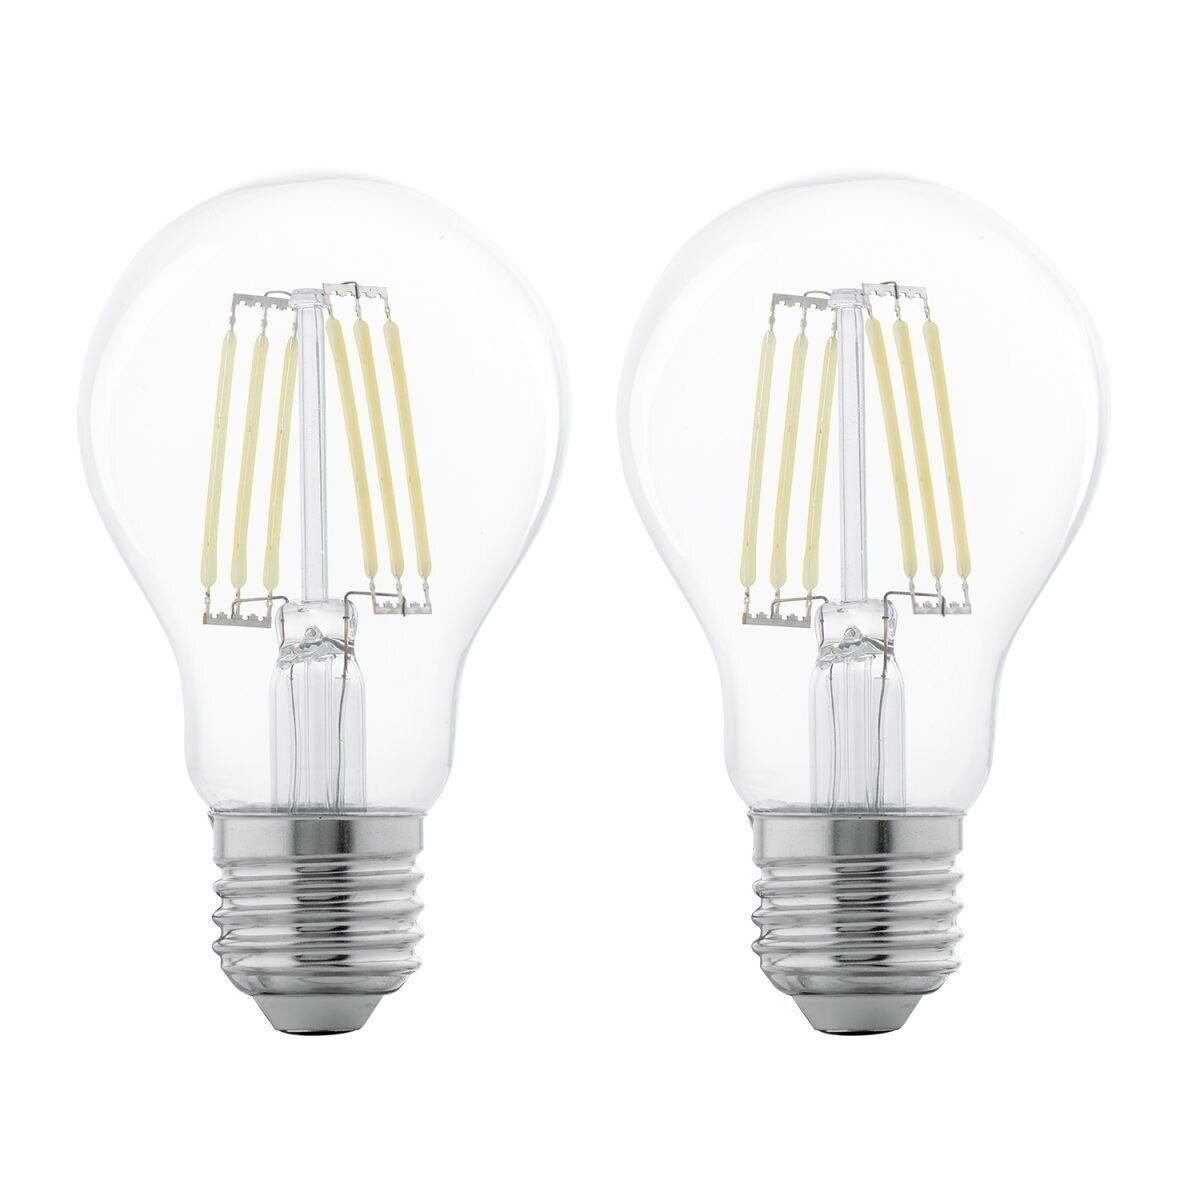 Светодиодная лампа LM-E27-LED A60 6W 2700K 2 STK, Eglo [11509]